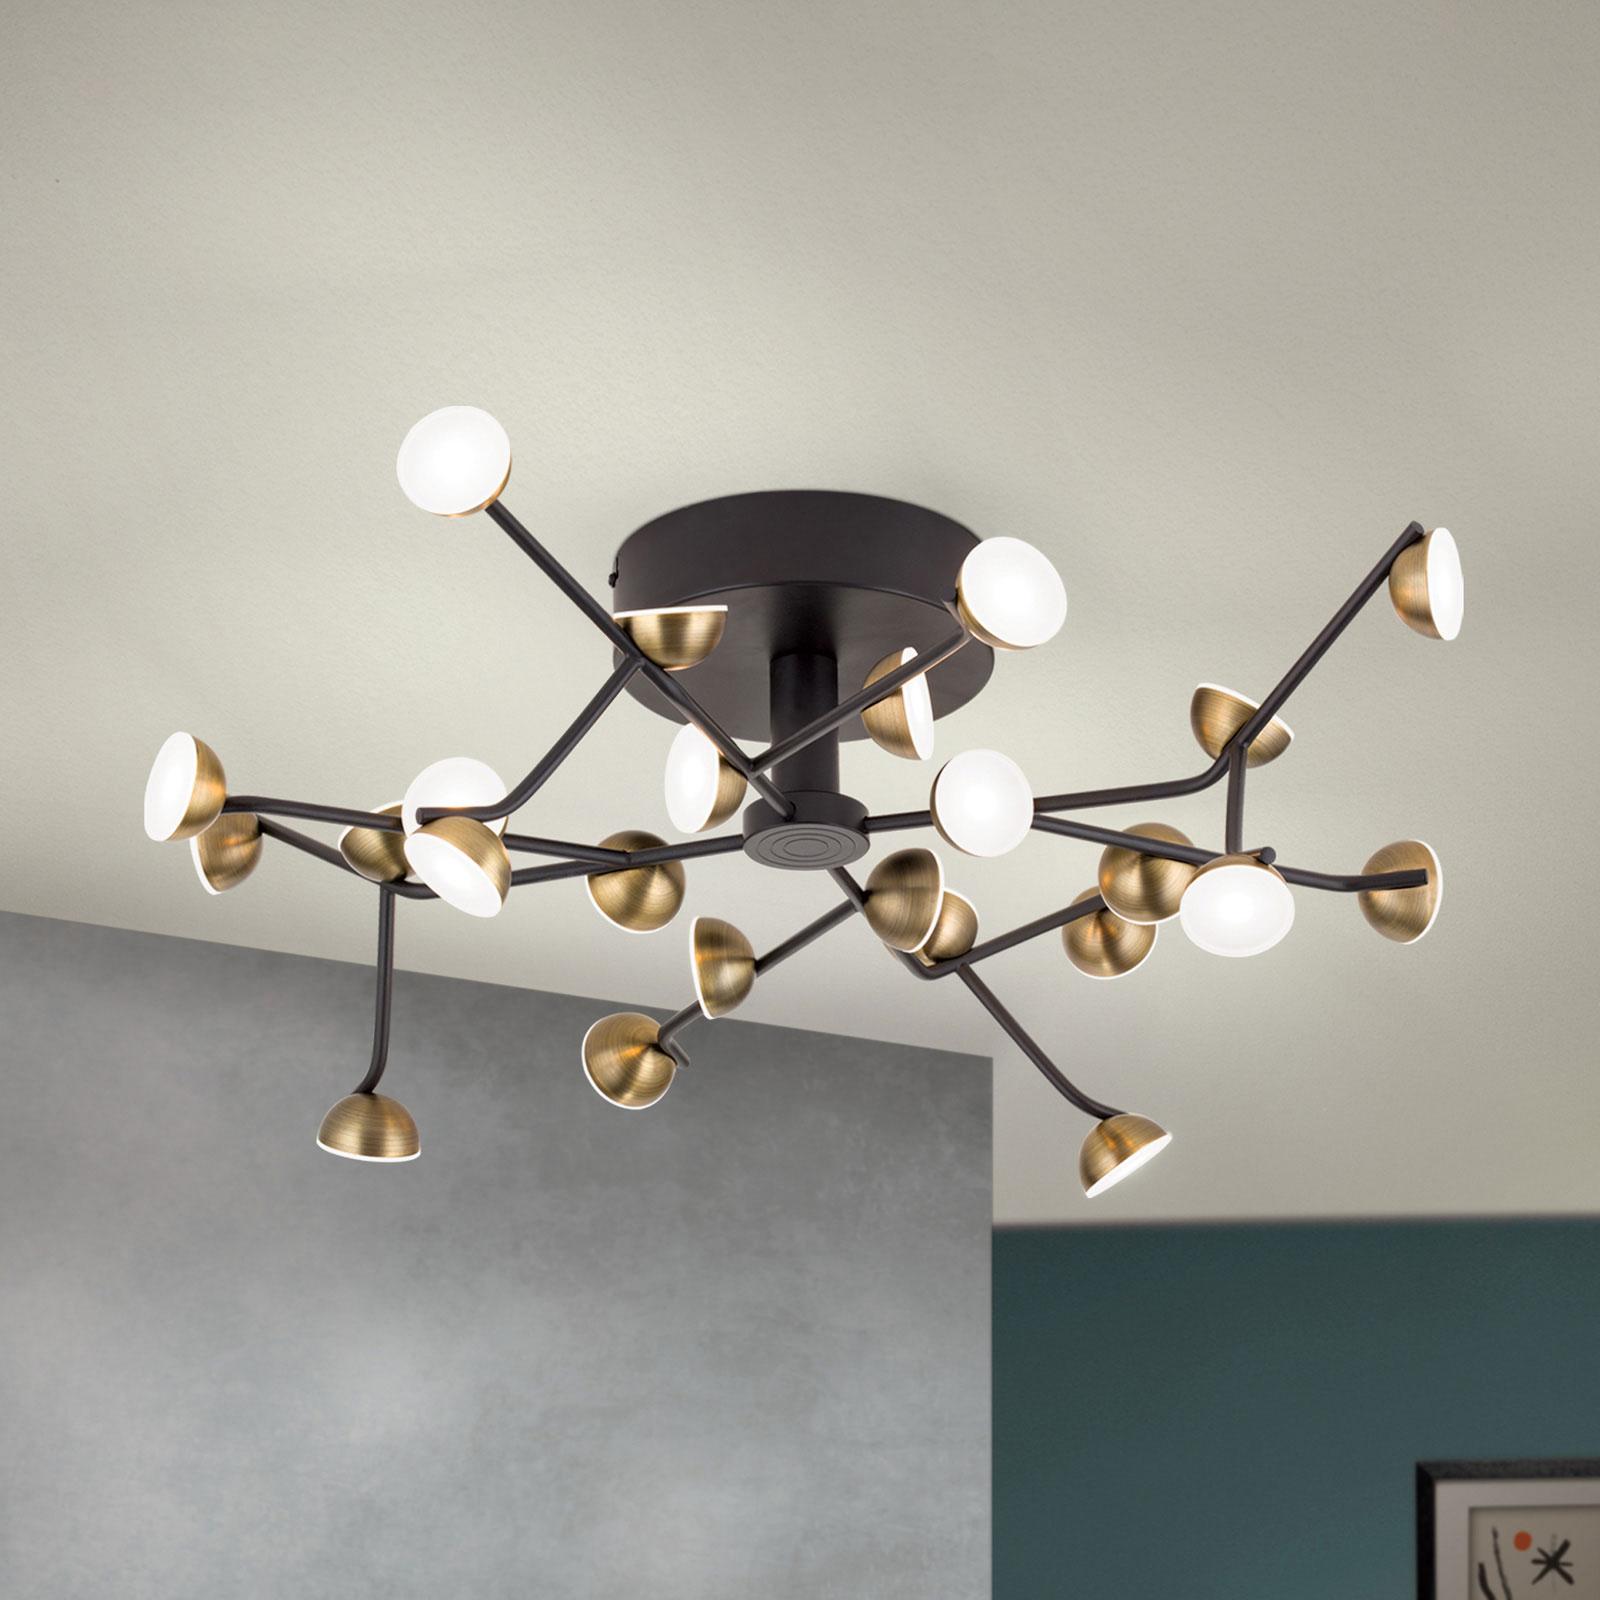 Lampa sufitowa LED Blossom, 24-punktowa